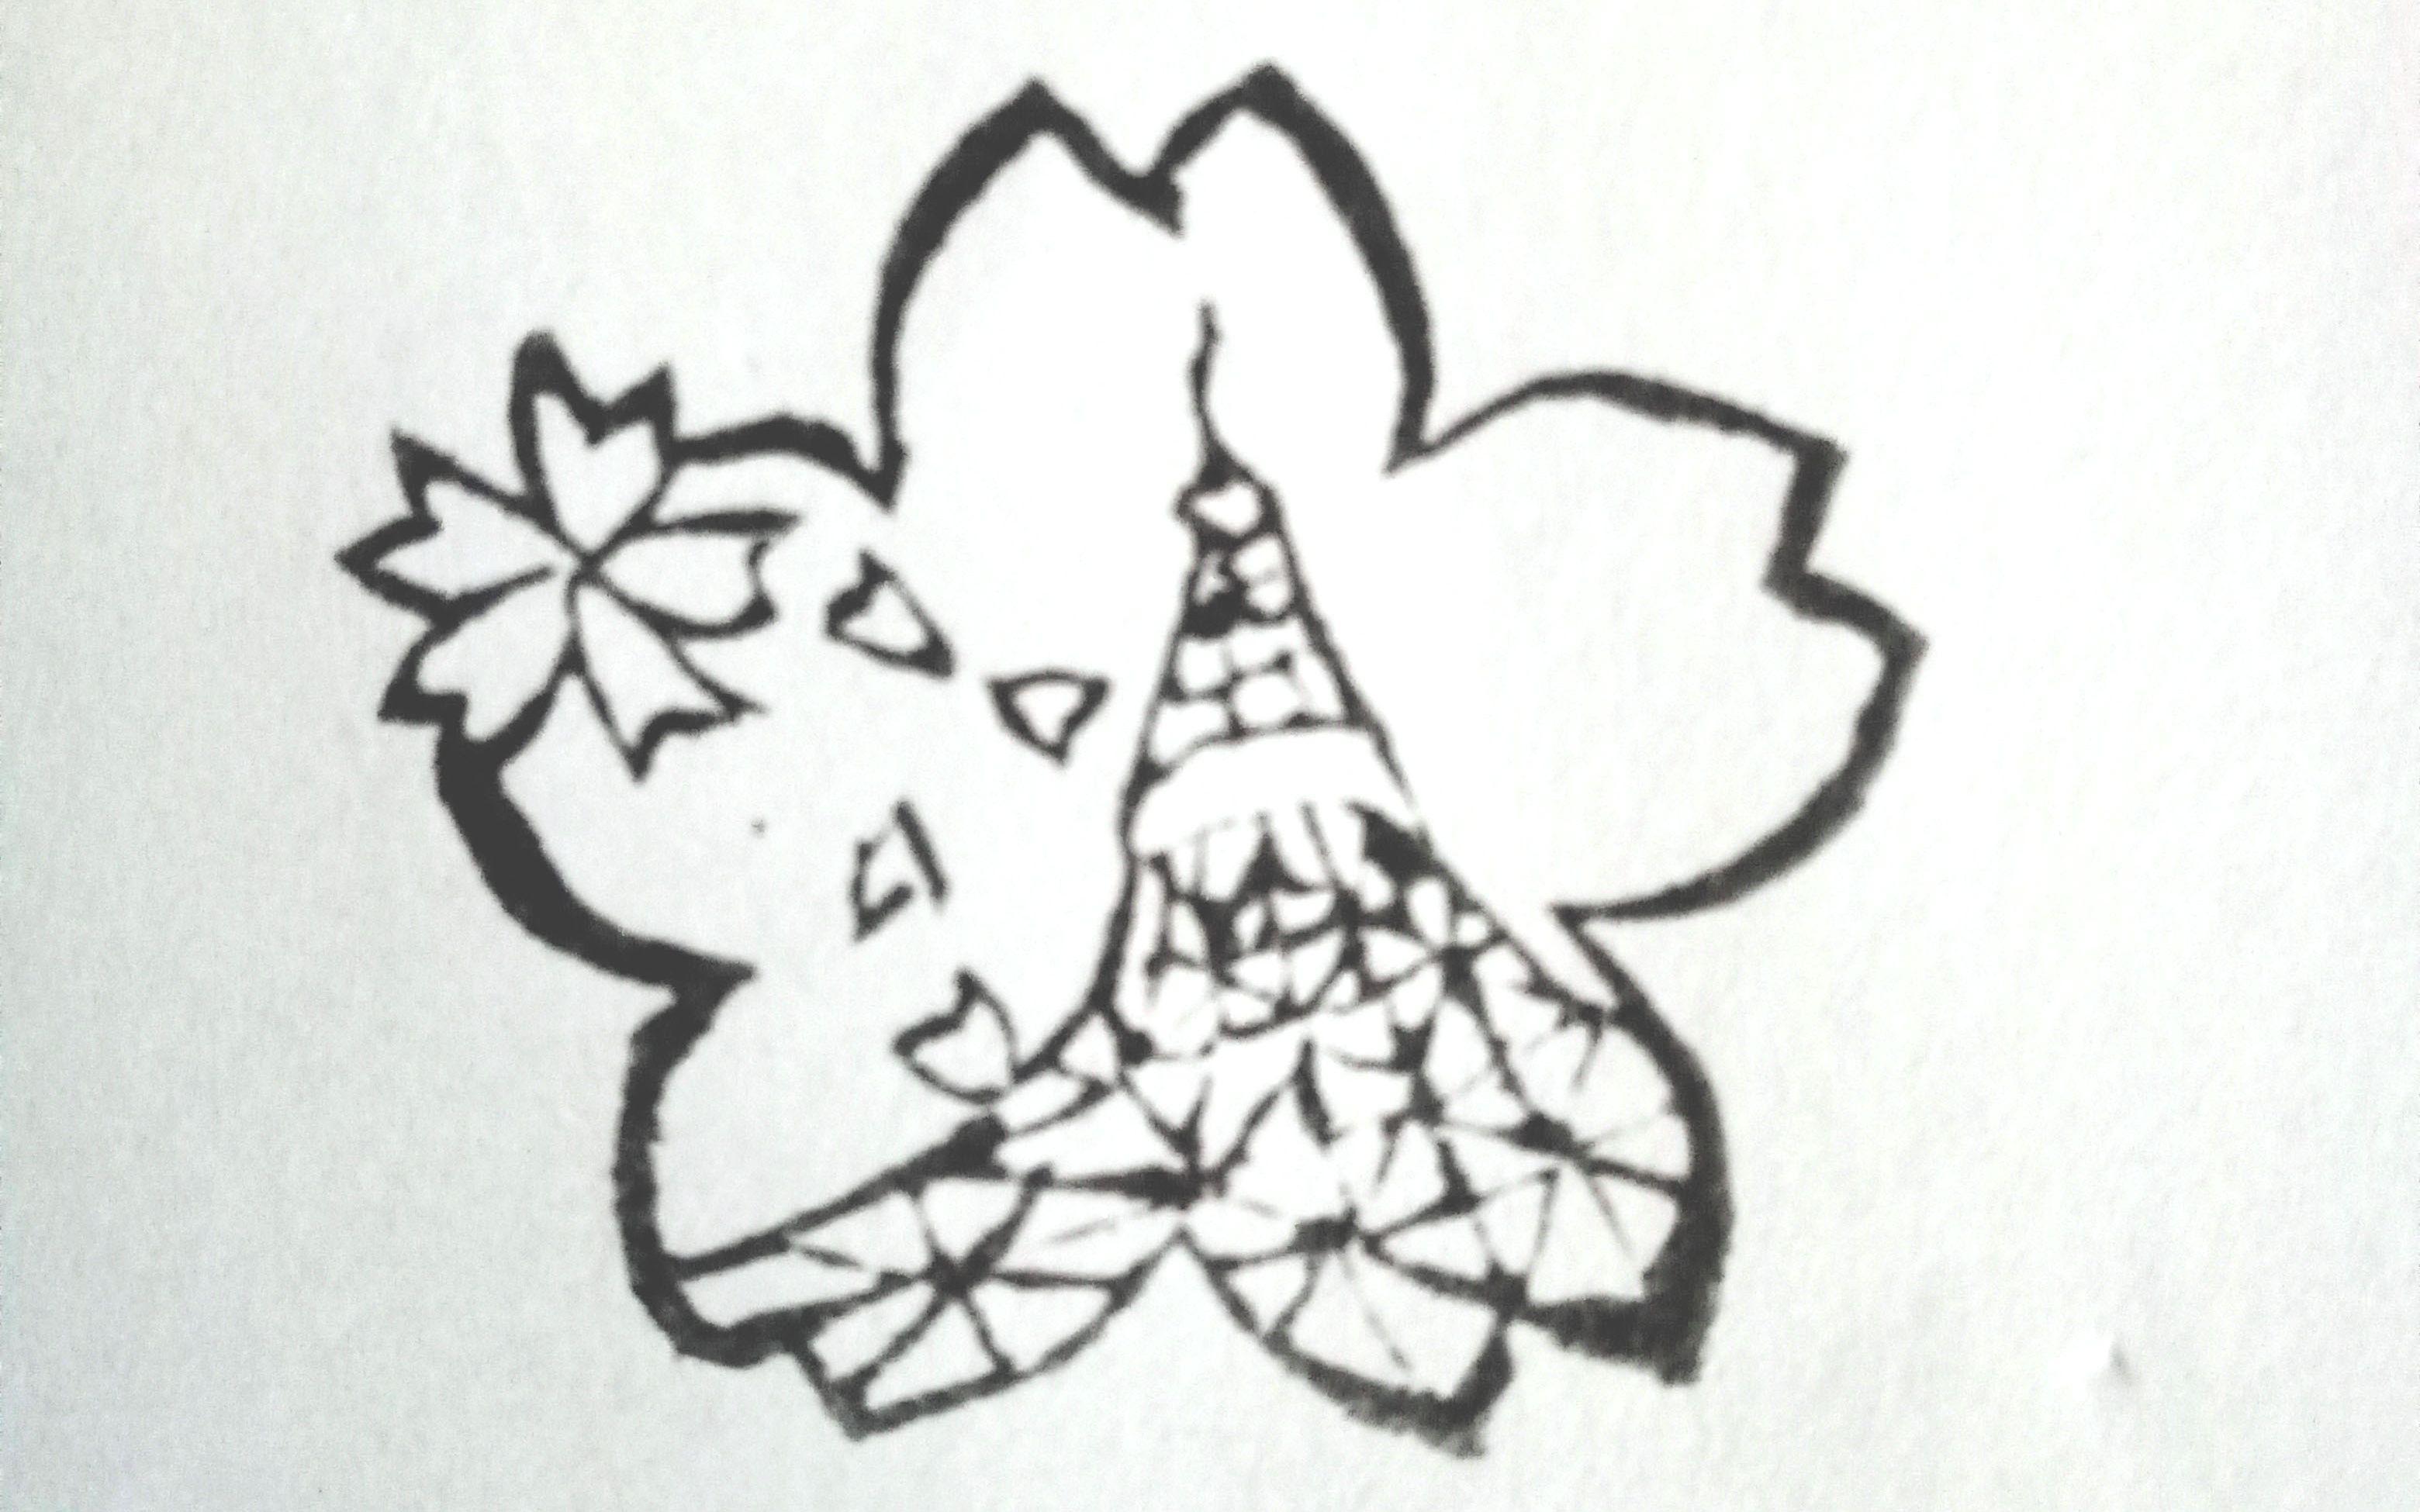 橡皮章樱花图片